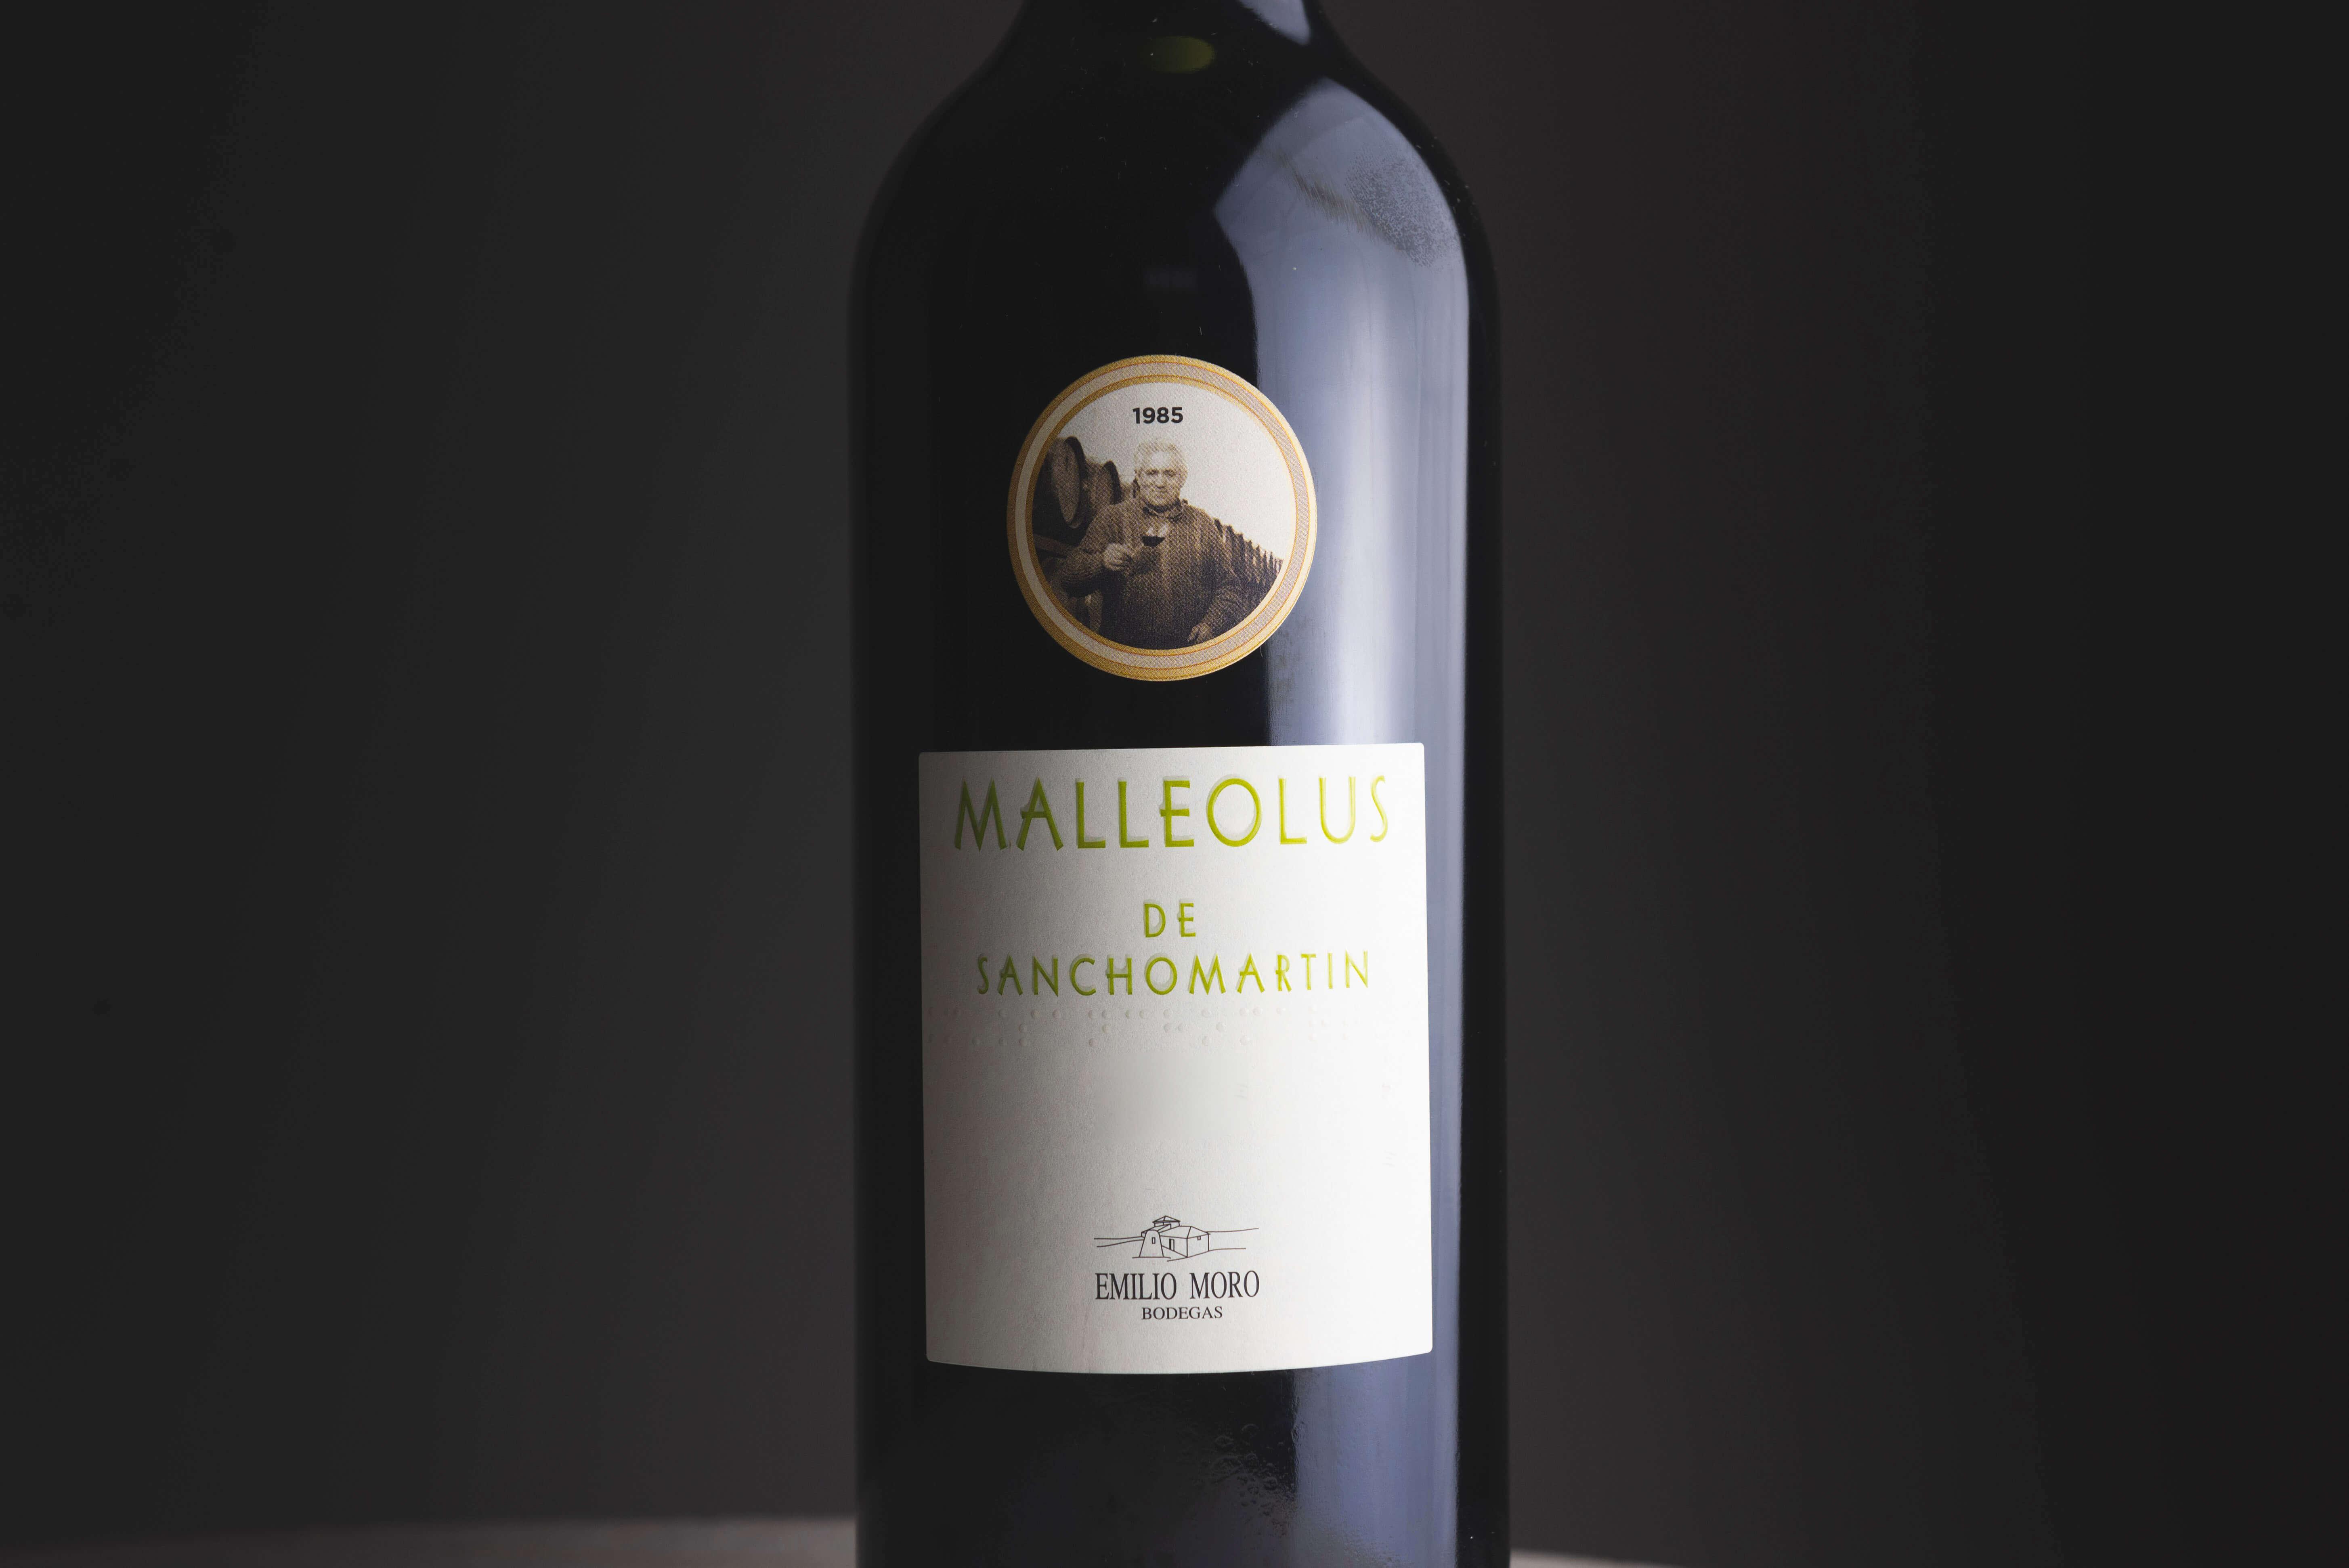 Comprar Malleolus de Sanchomartín 3